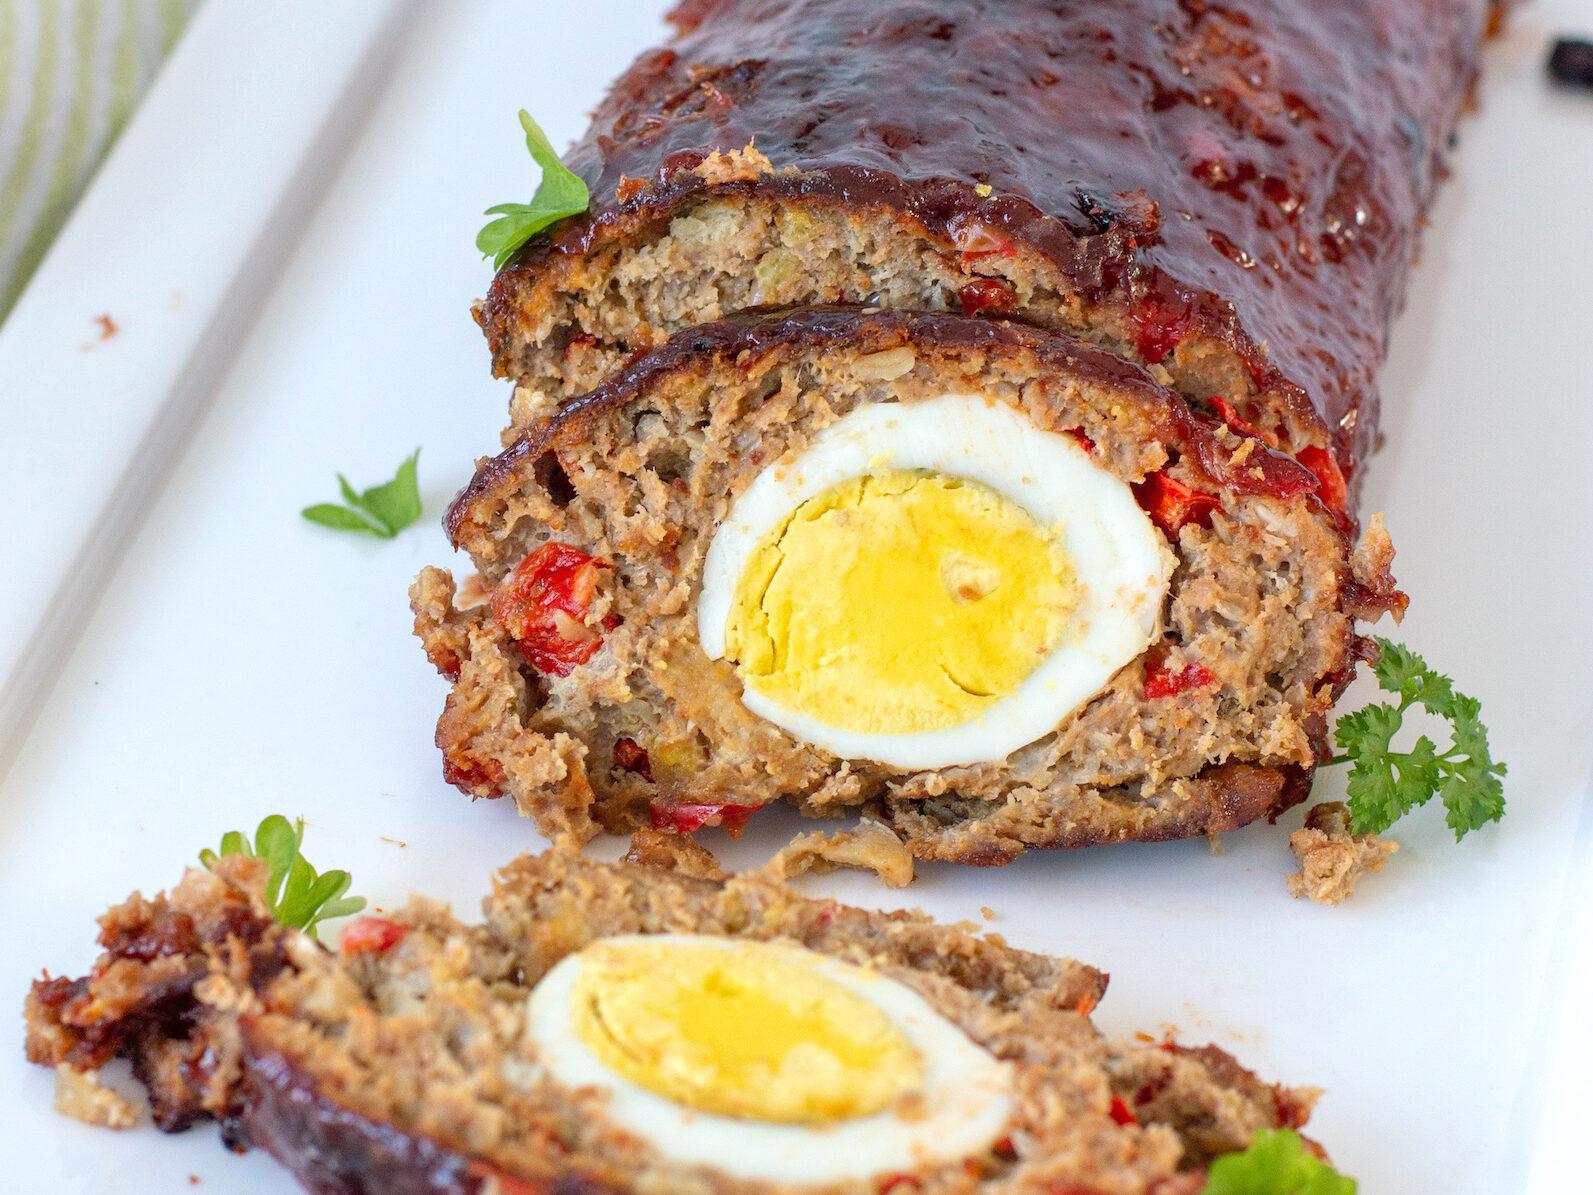 recept meatloaf maken gehaktbrood met eitje in midden © bettys kitchen